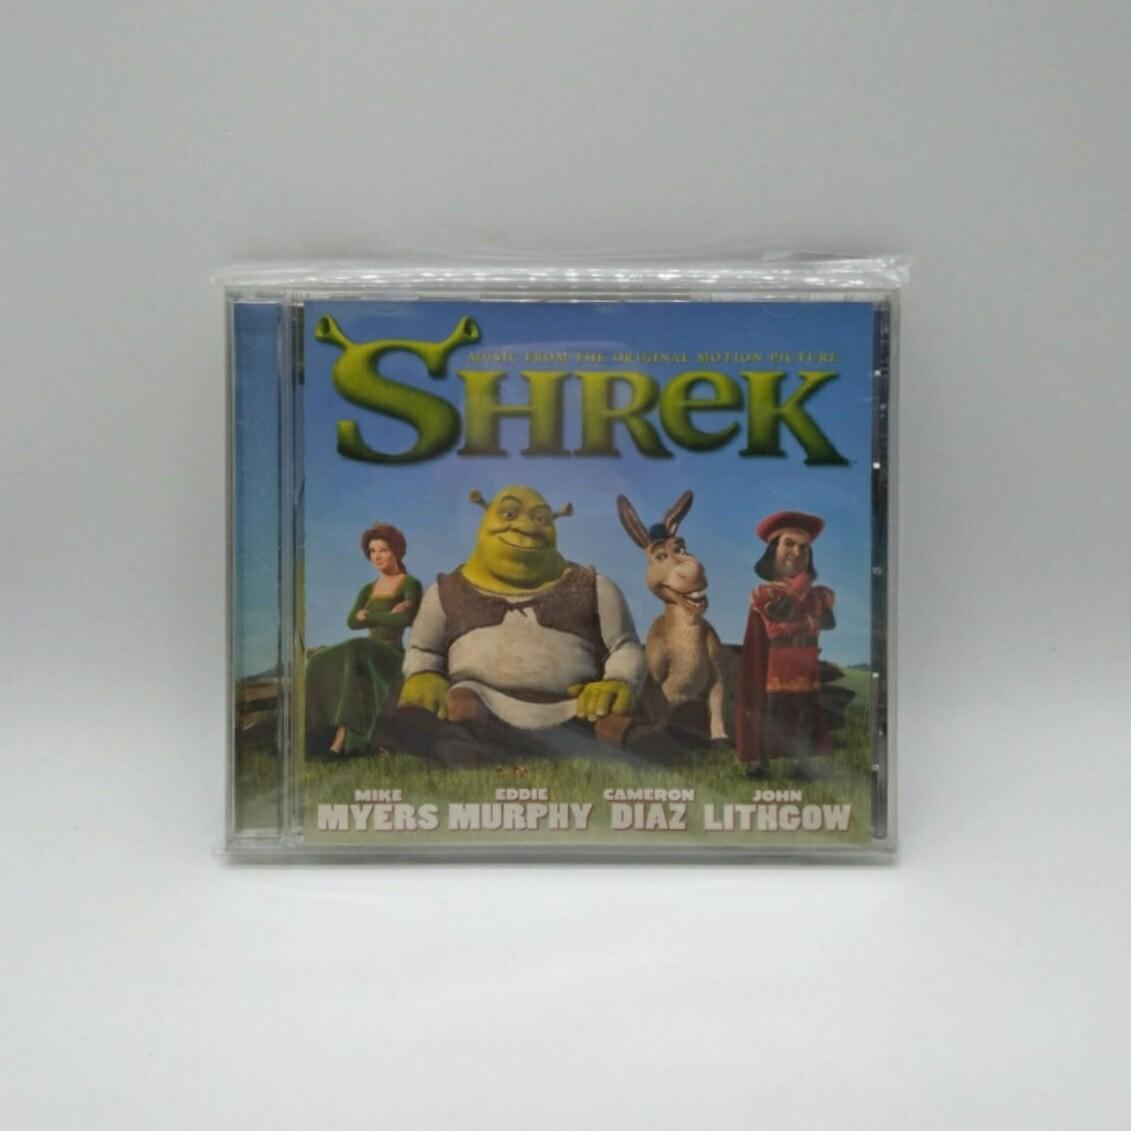 [USED] OST -SHREK-CD